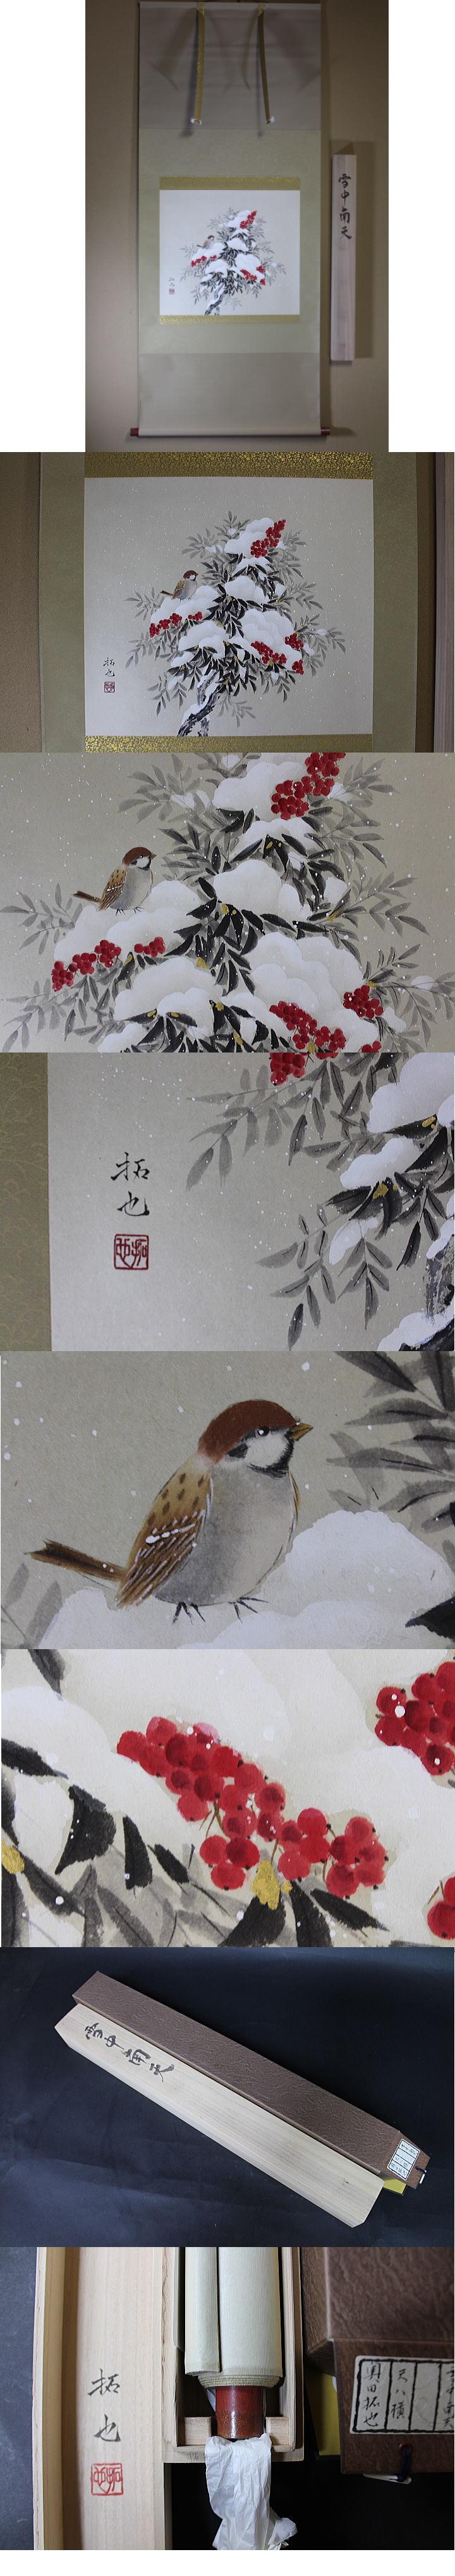 jikunanntenokuda